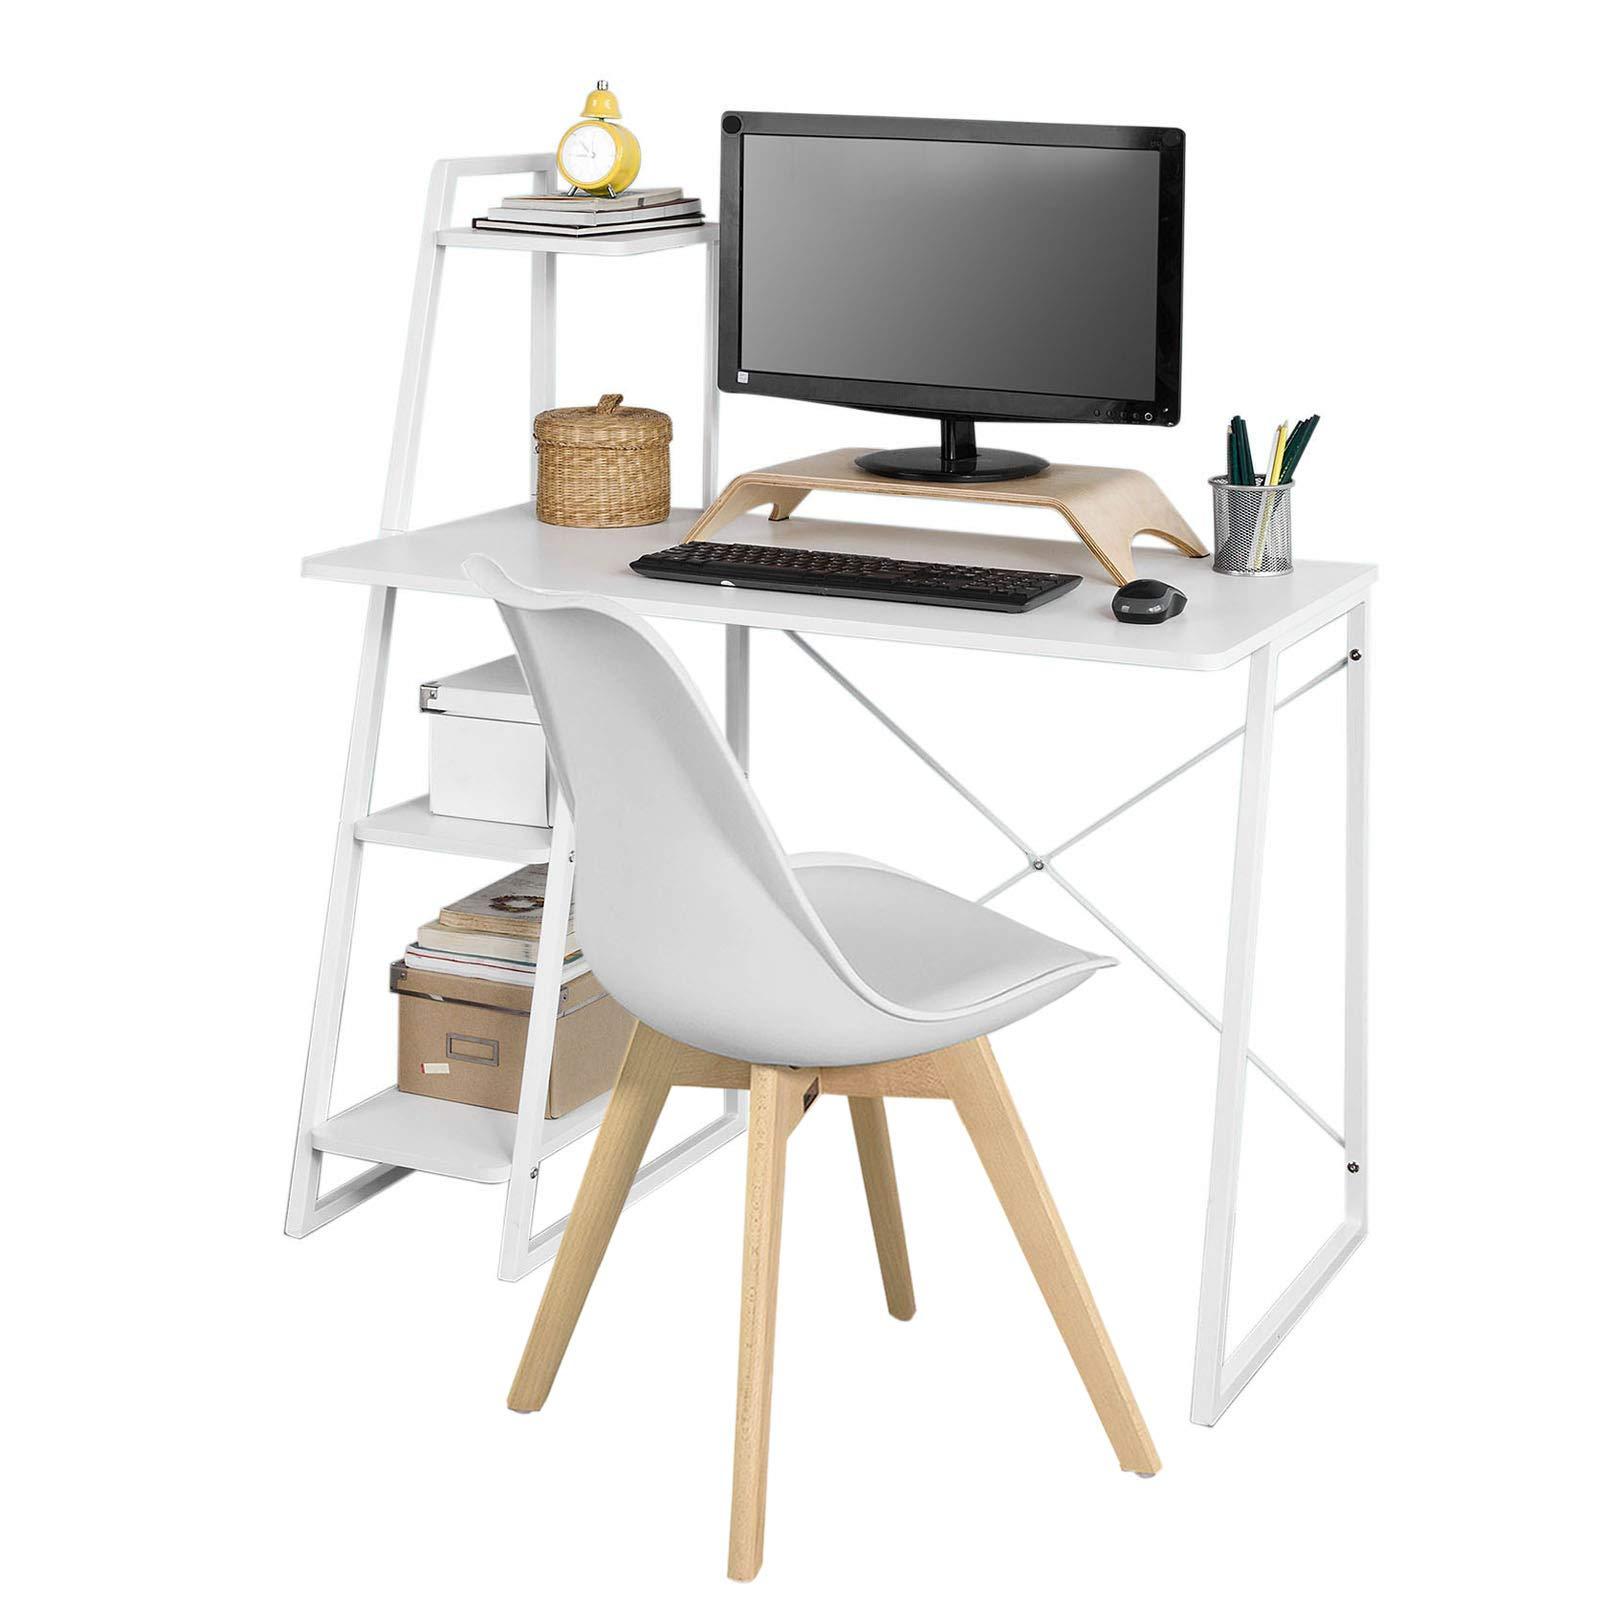 SoBuy Set de 1 Mesa de Escritorio y 1 Silla Oficina de Escritorio, FWT29-